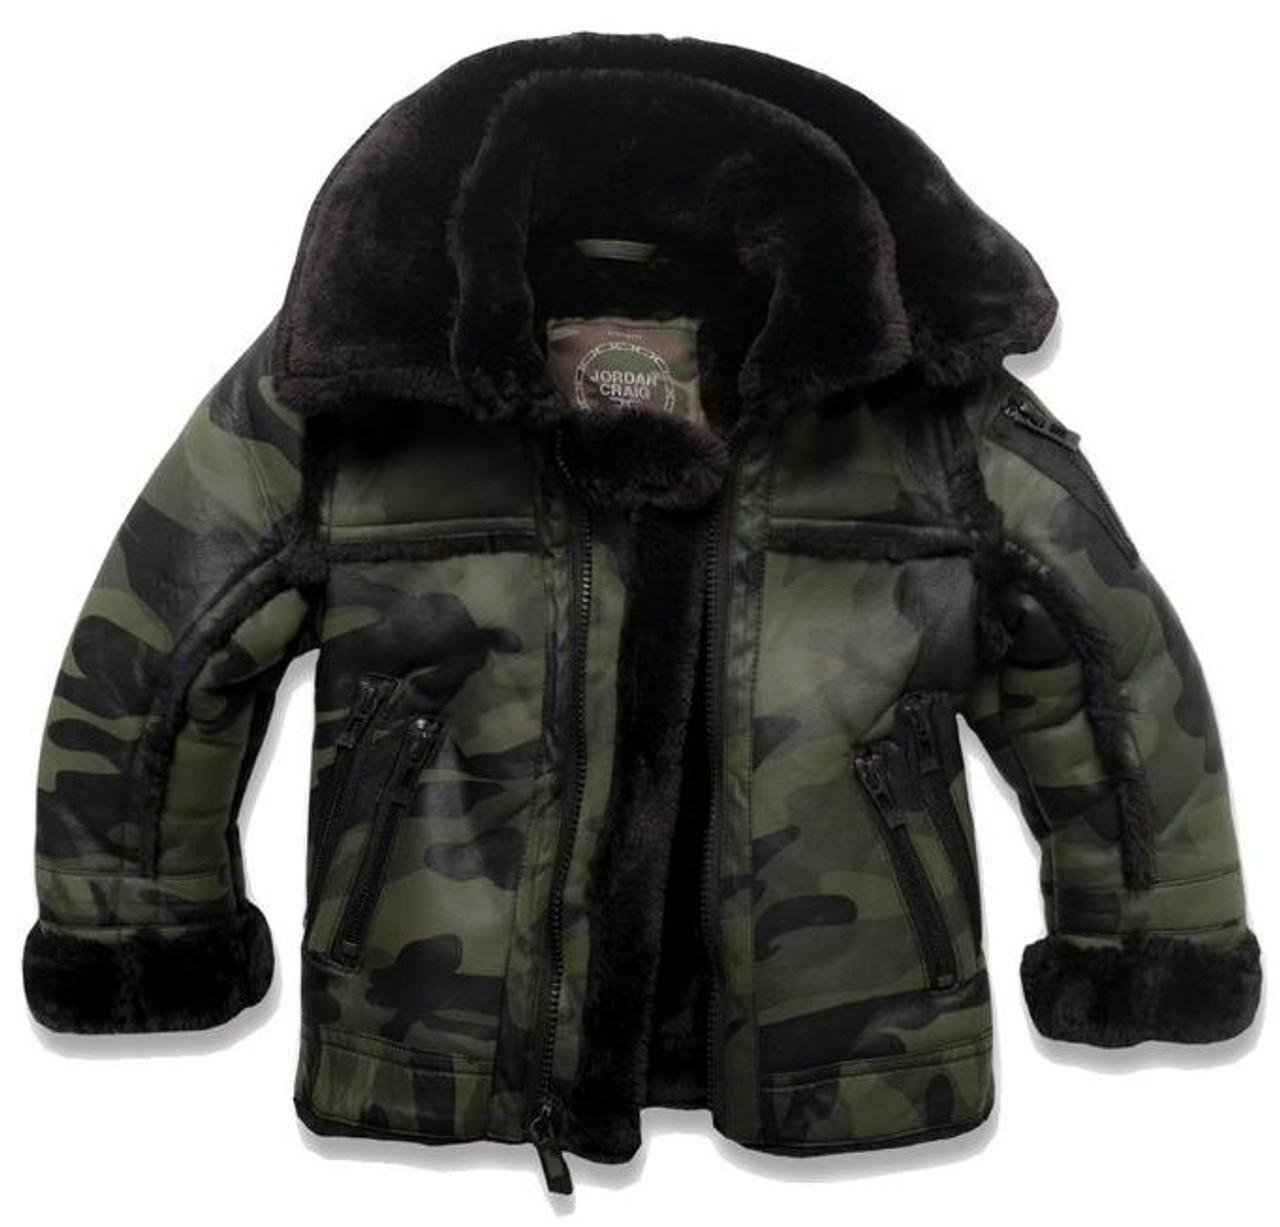 78a187726f Jordan Craig Kids Camo Jacket